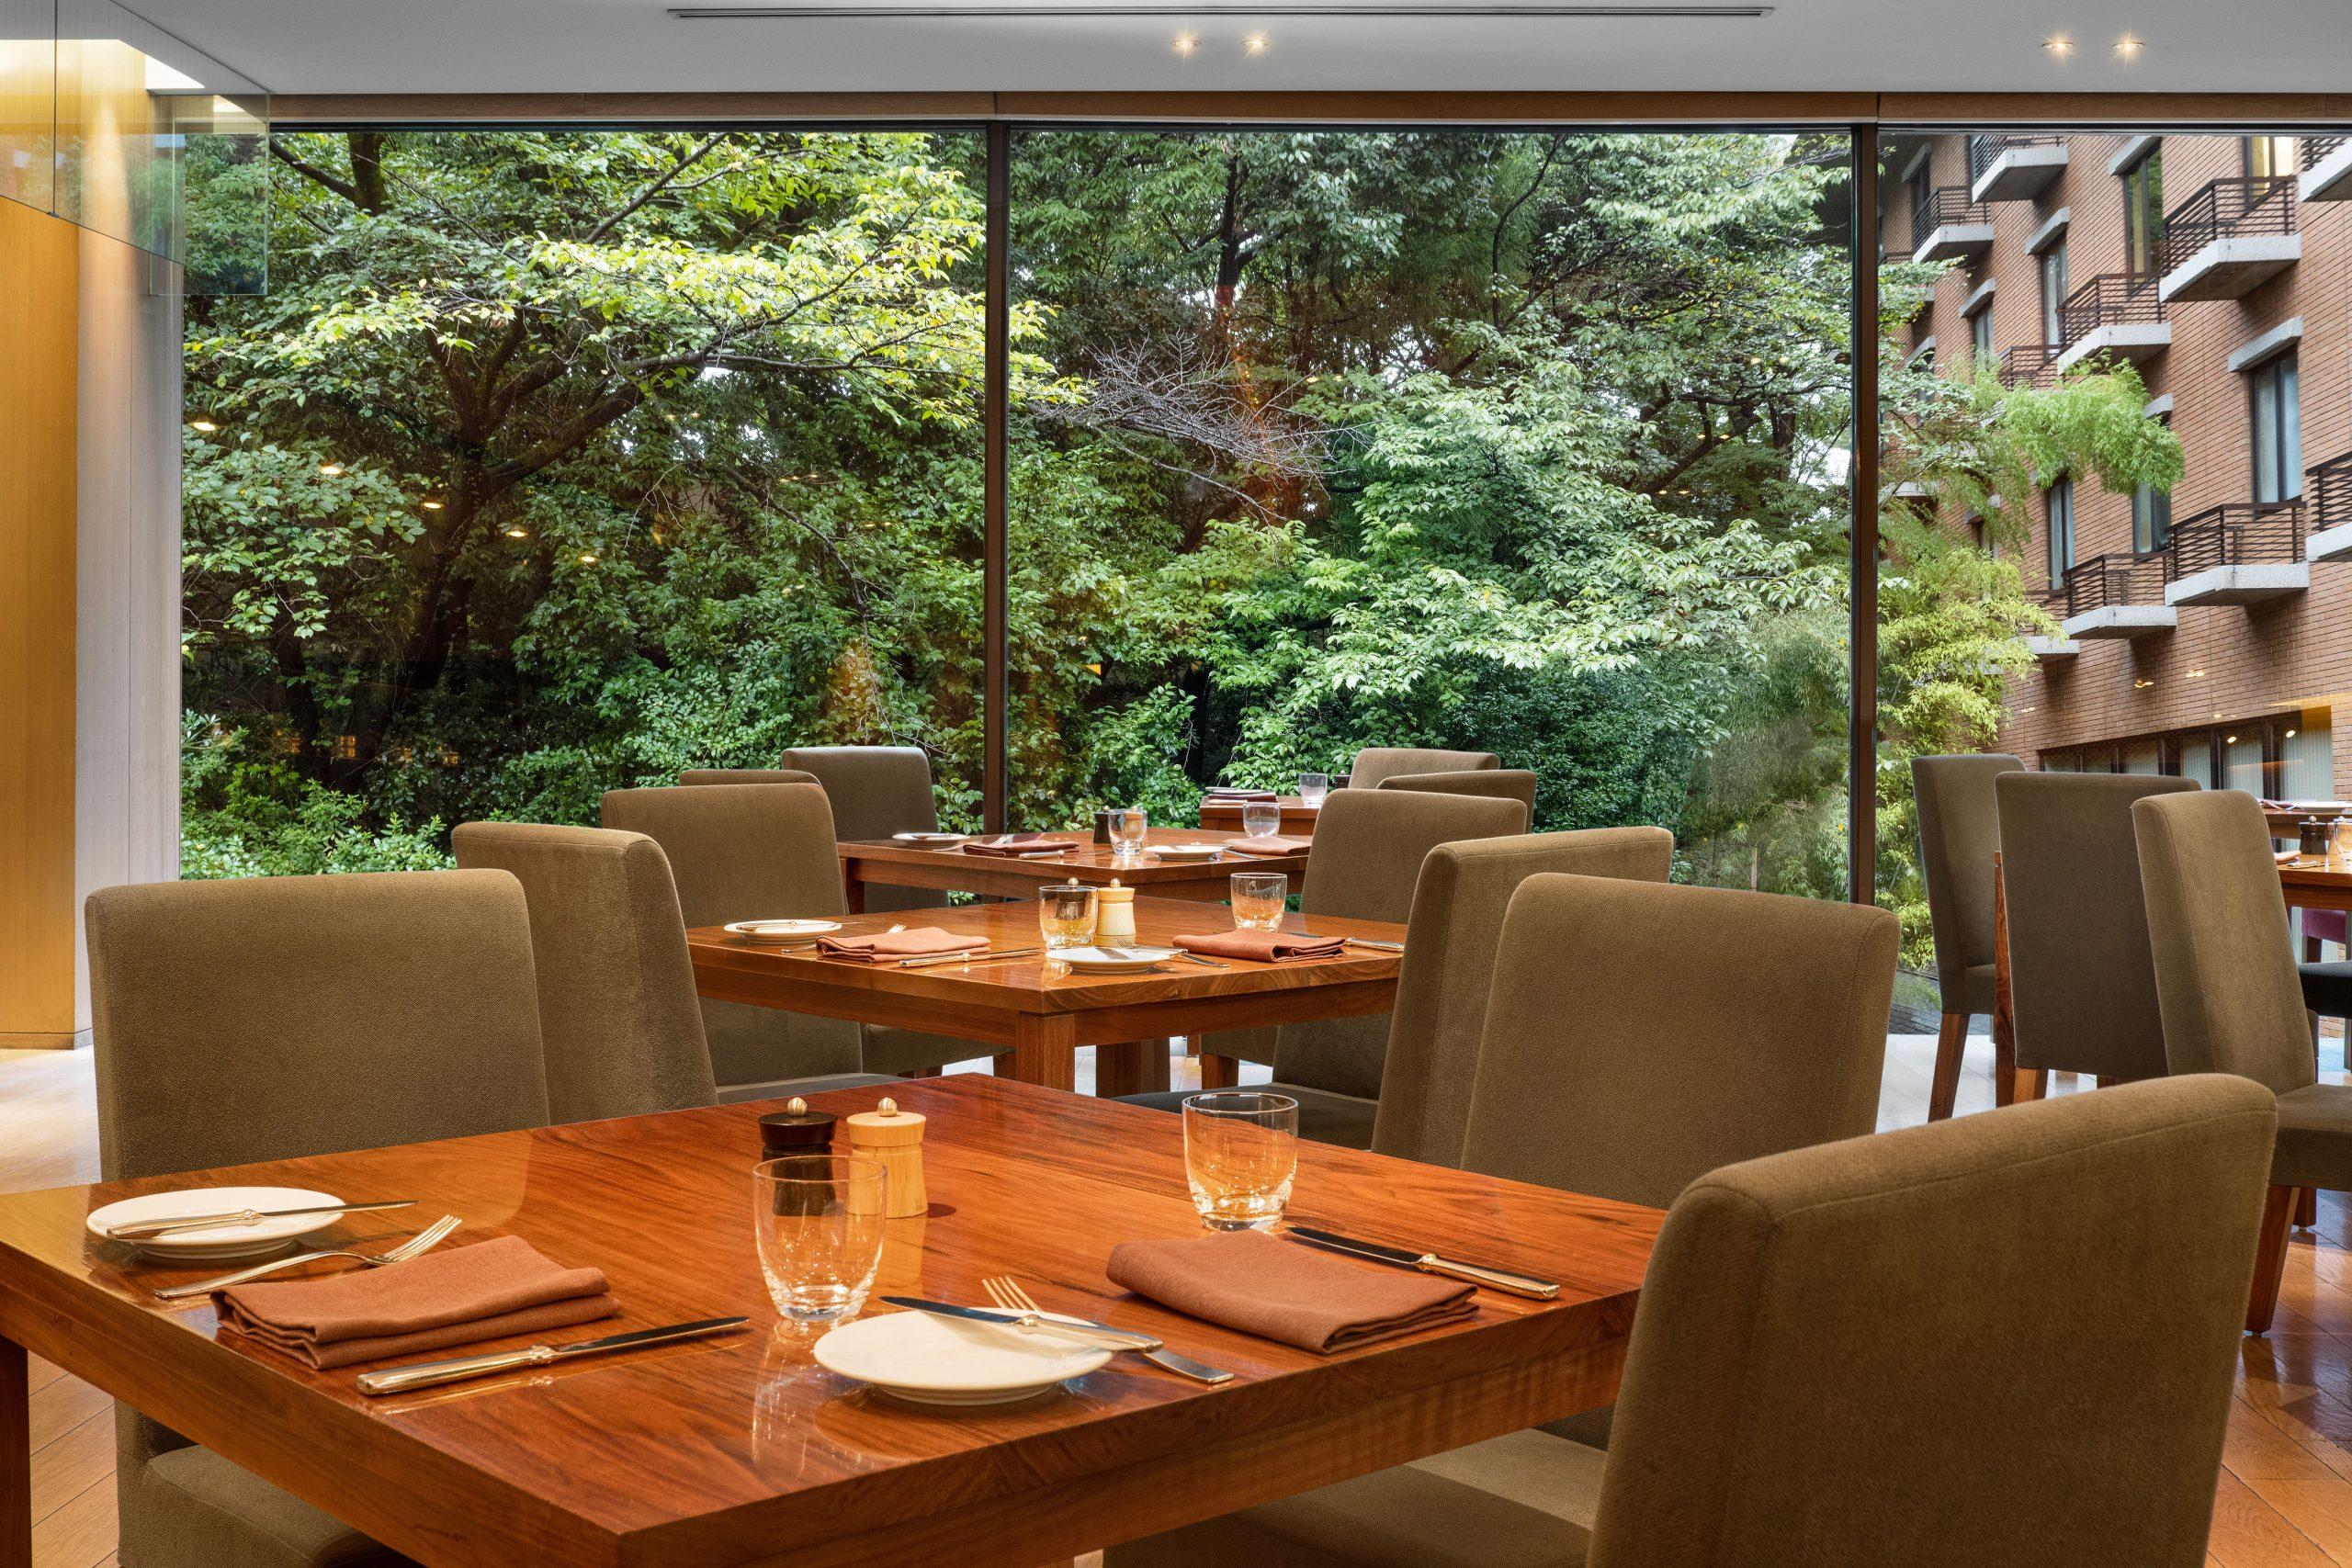 四季で彩りを異にする中庭を望む『ガーデンラウンジ』